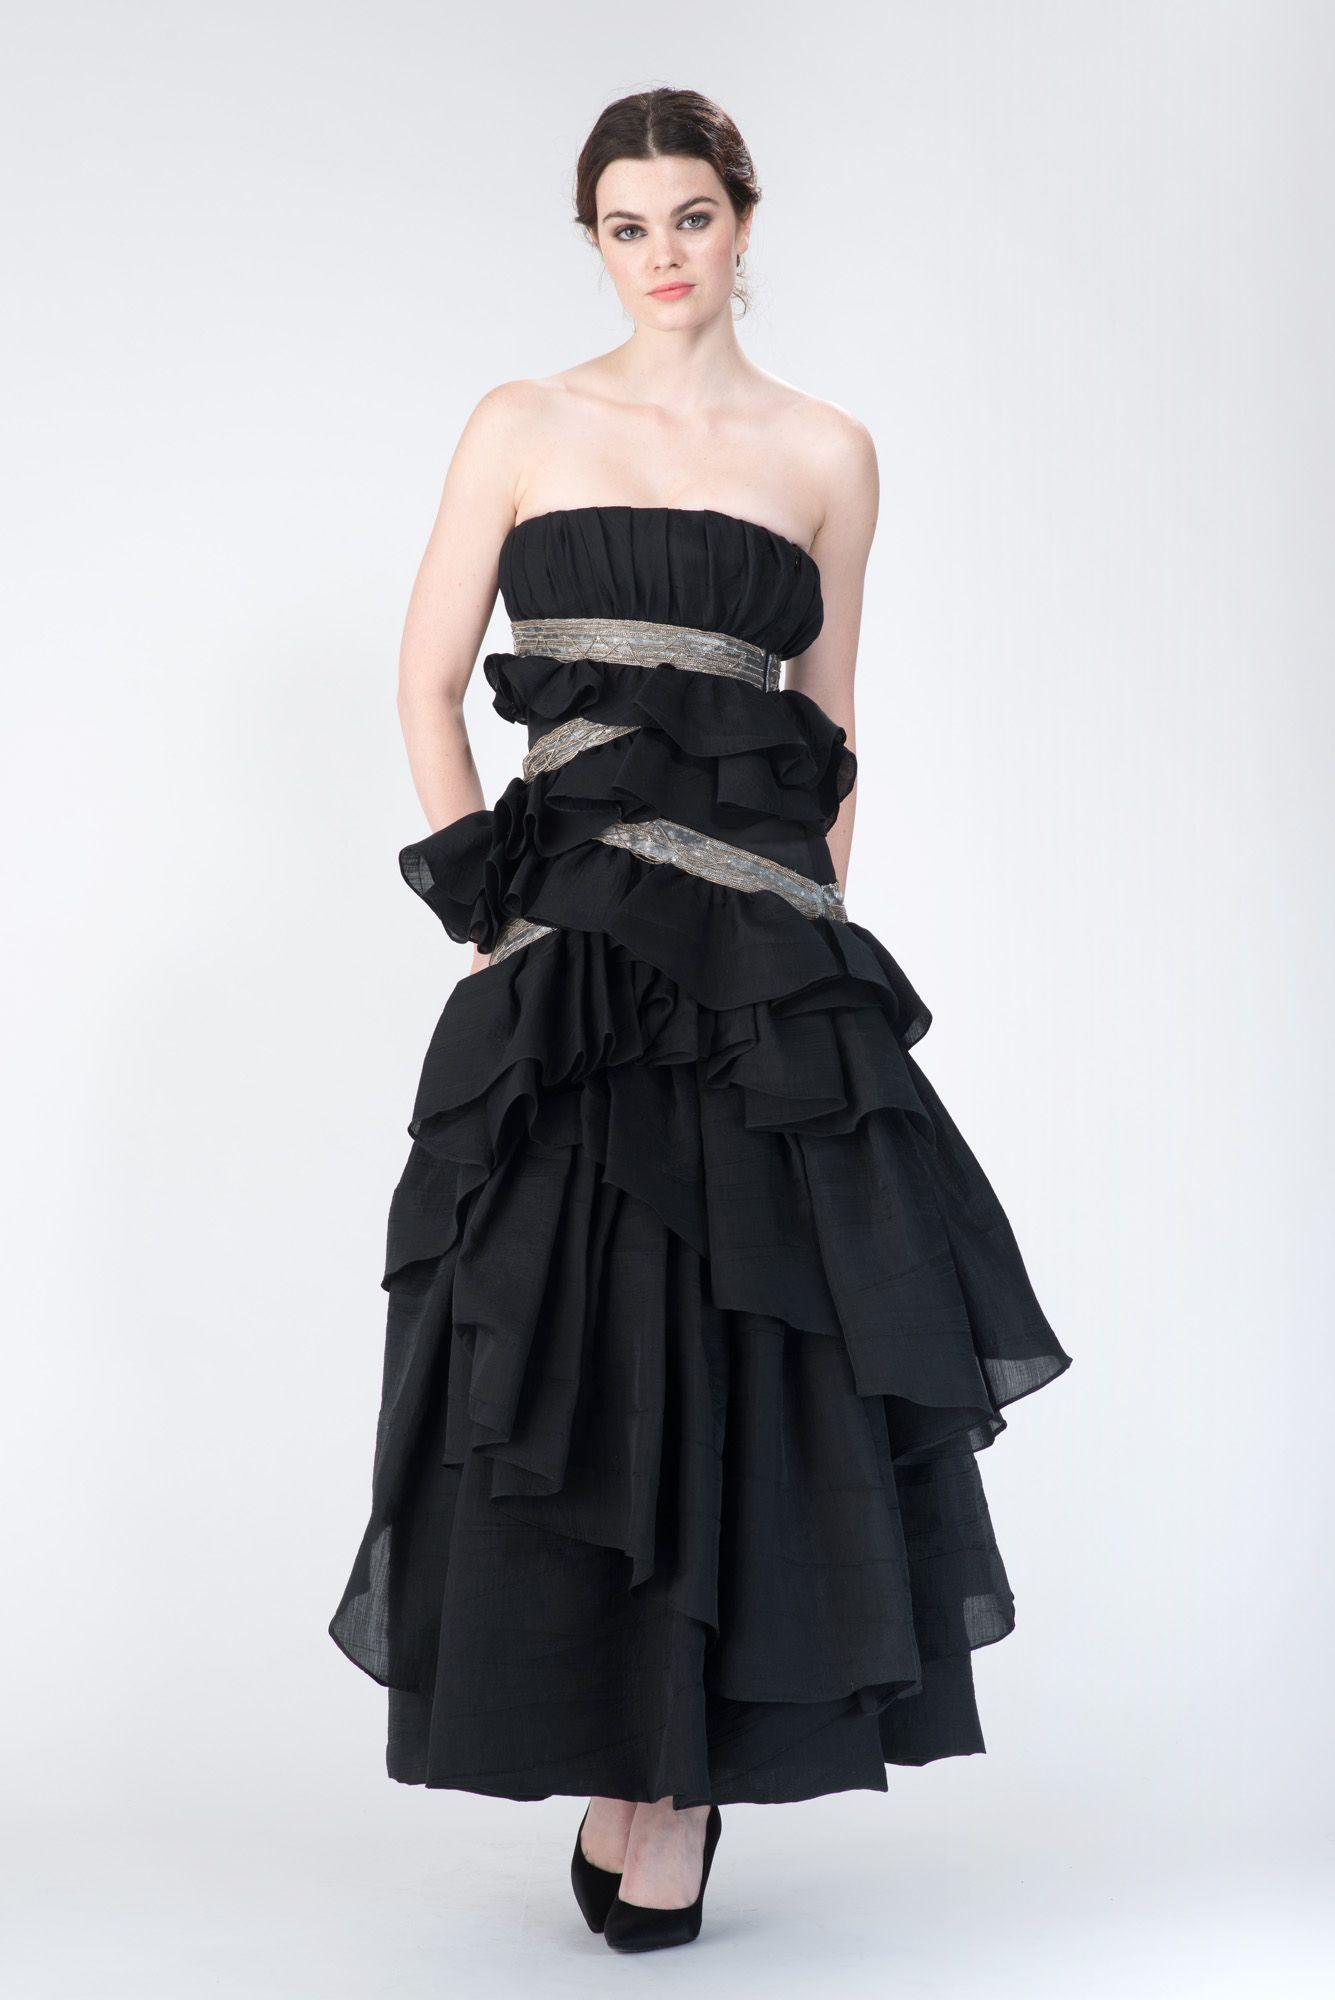 2f206a77ac6f0 Mabonneamie - depuis 2009 location robe de soirée